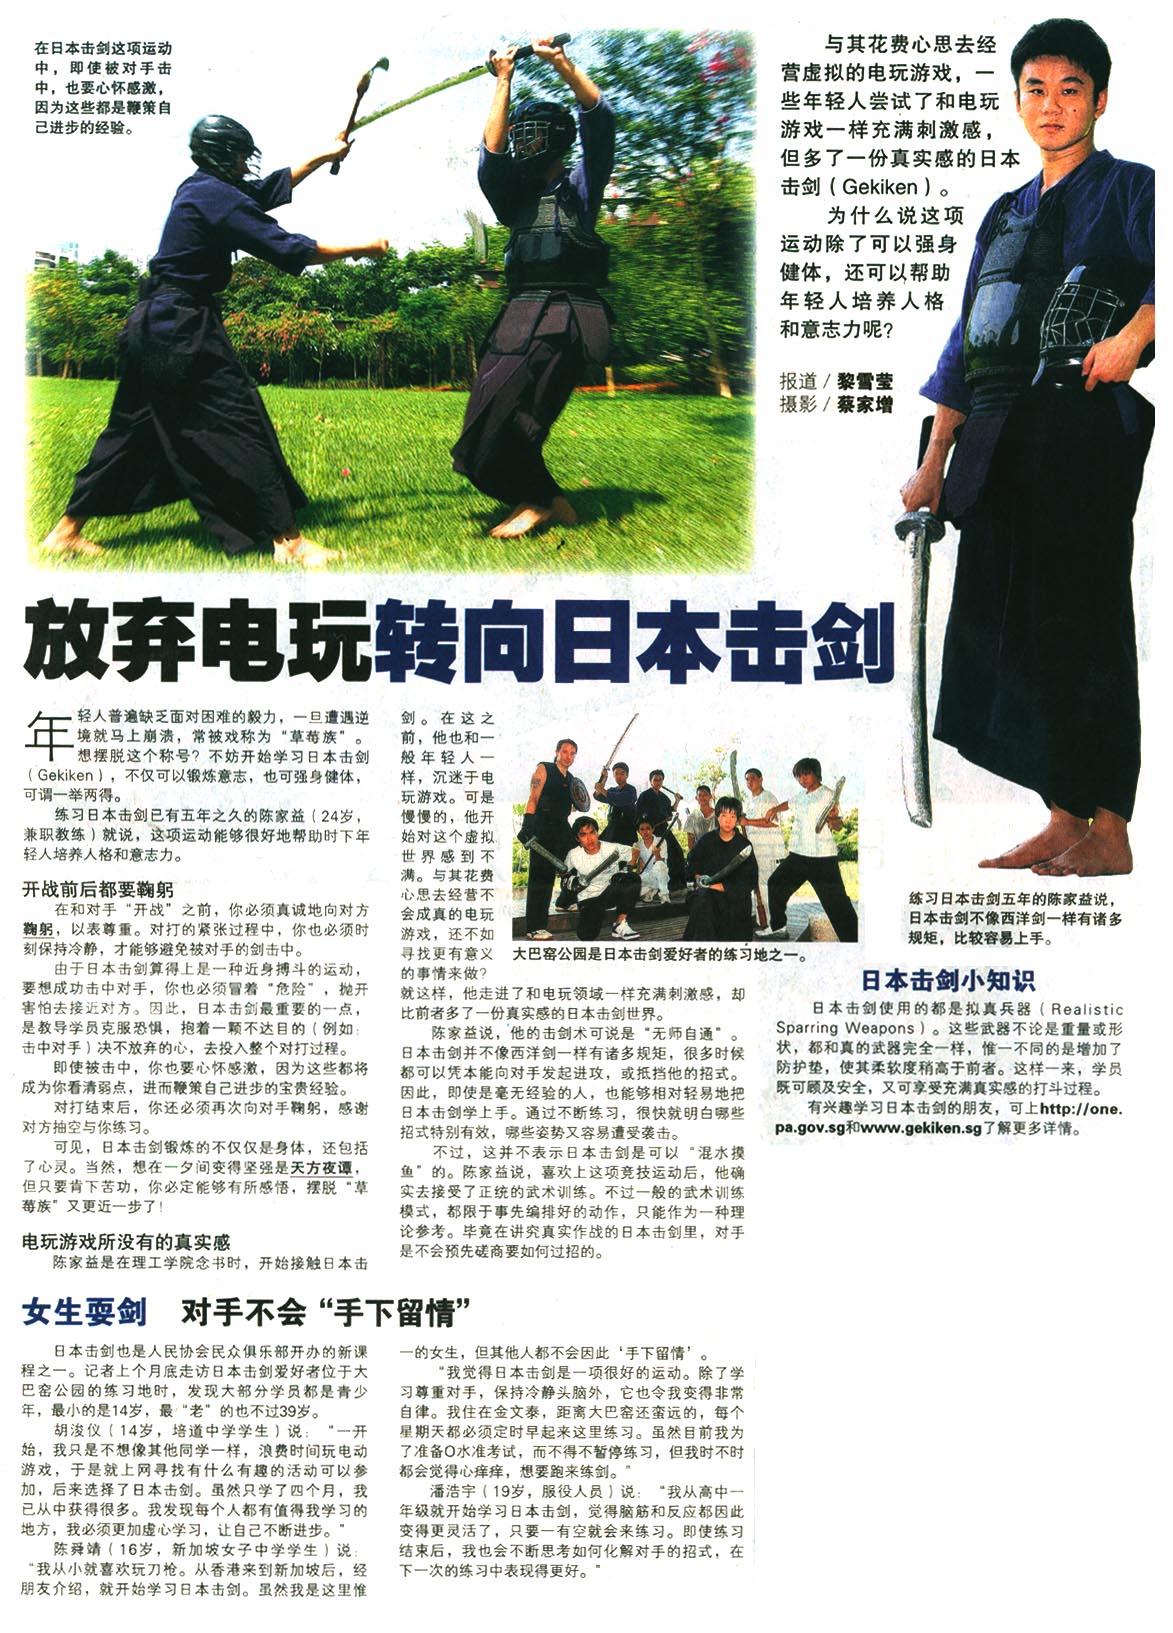 新加坡陳家益登門造訪─與外地劍友交流練習[Lancelot Chan] - Lancelot Chan - RSW(擬真兵器)研究室